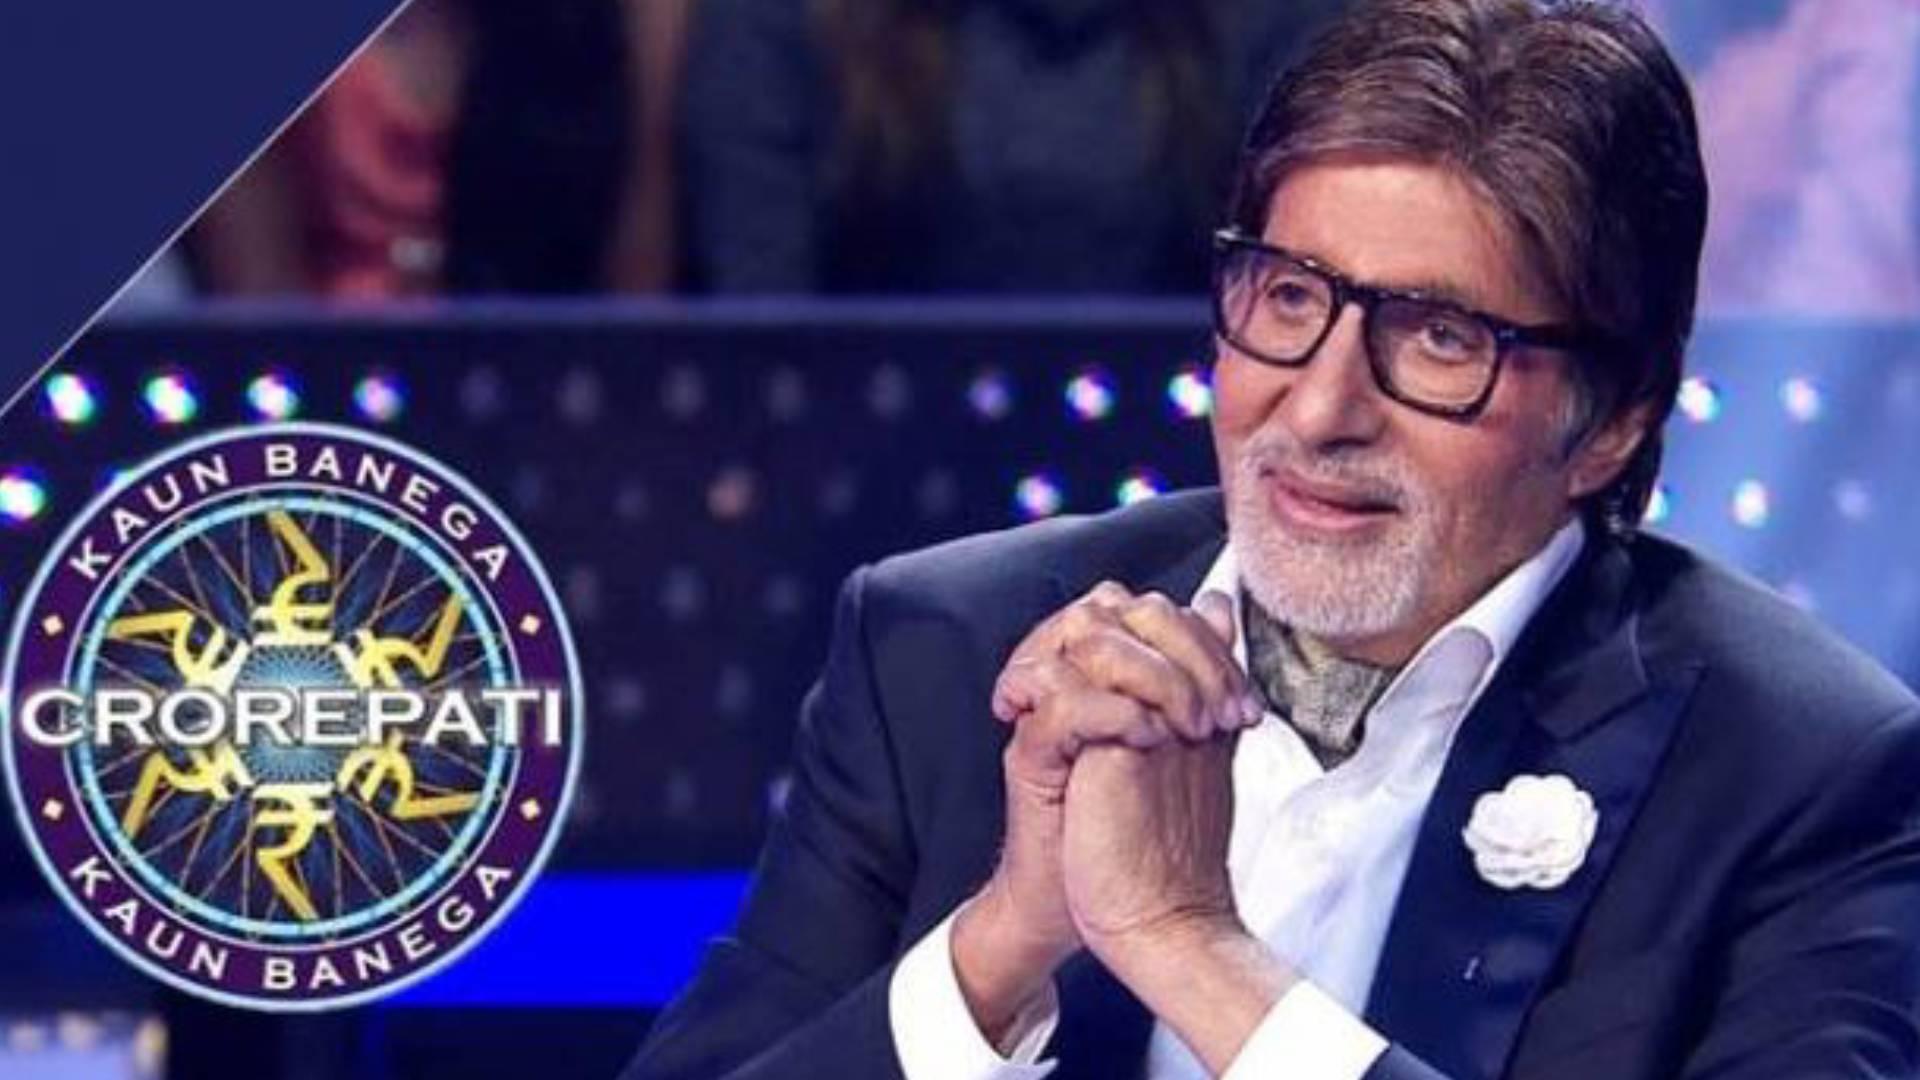 Kaun Banega Crorepati 11 Promo: अमिताभ बच्चन ने दिया सफलता का नया मंत्र, कहा- विश्वास है तो अड़े रहो